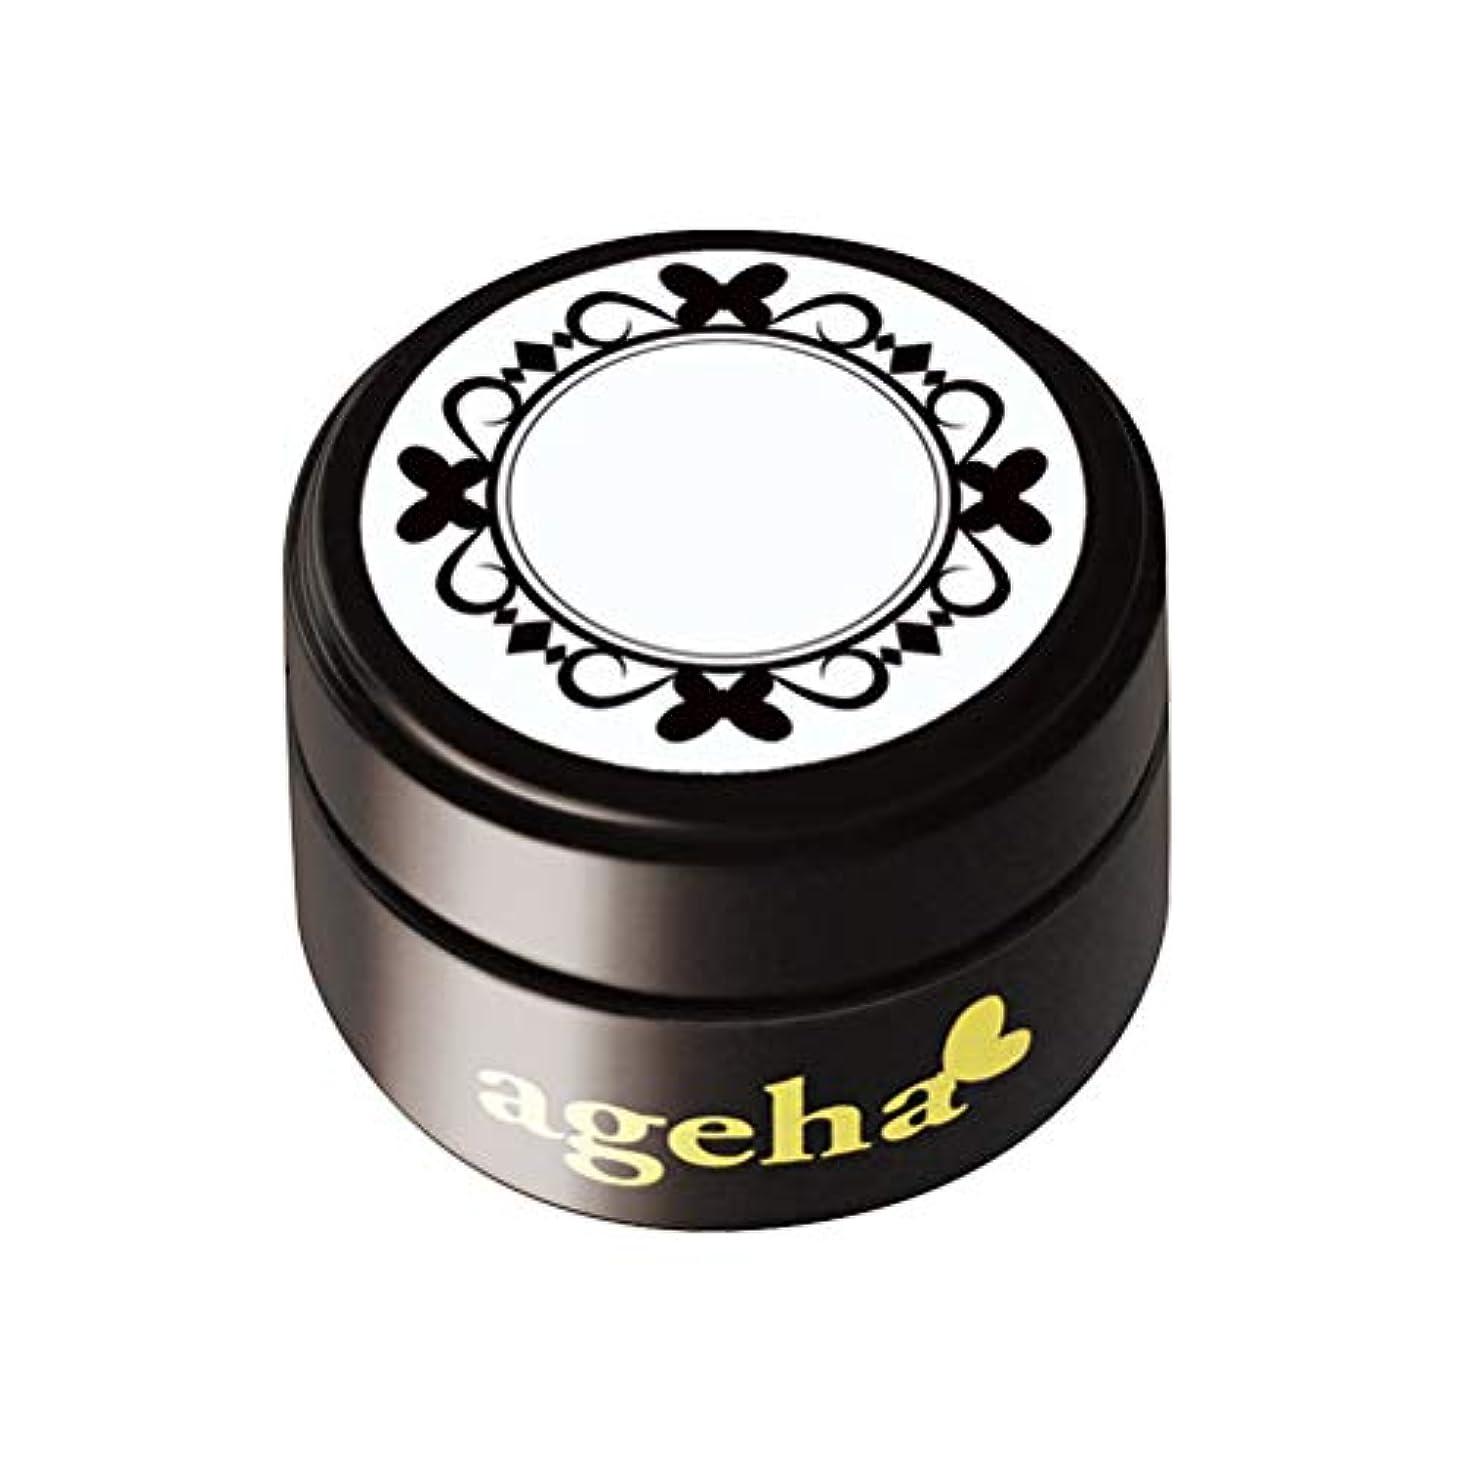 ファンブルタールアライアンスageha コスメカラー 415 ラグジュエル イブ グリッター 2.7g UV/LED対応